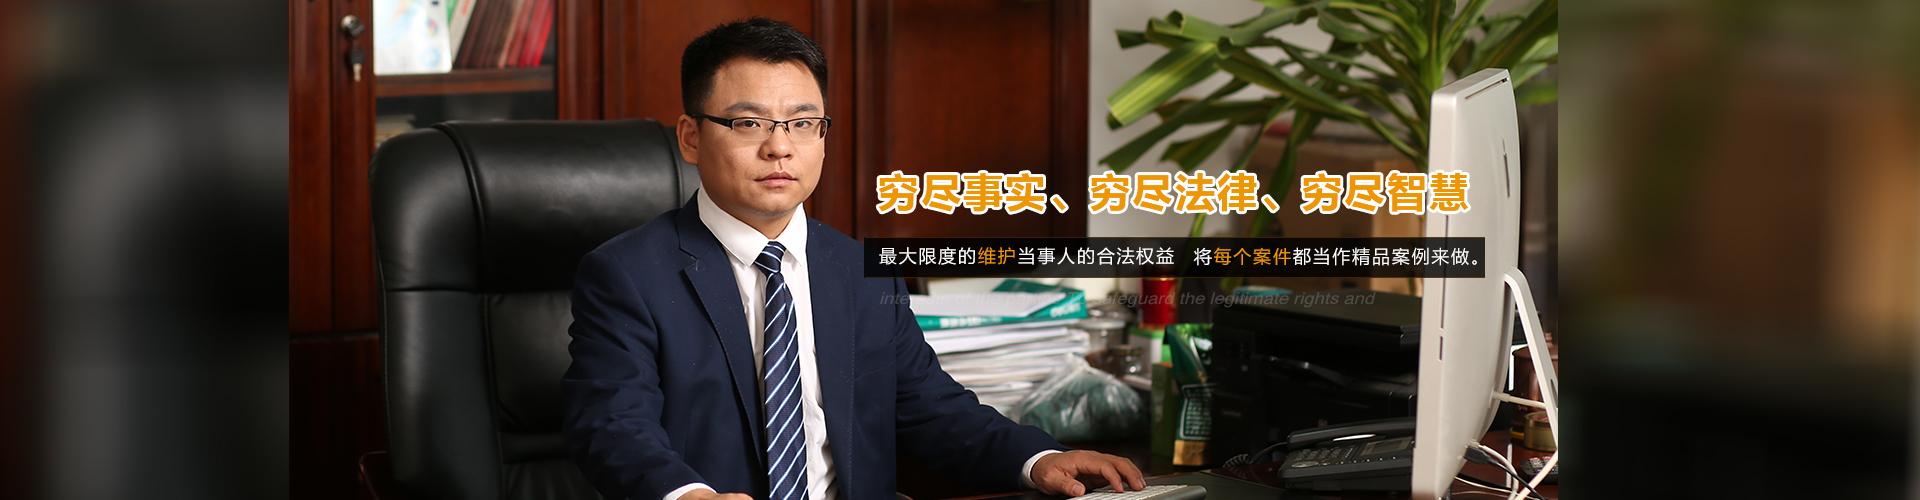 河北刘新勇律师